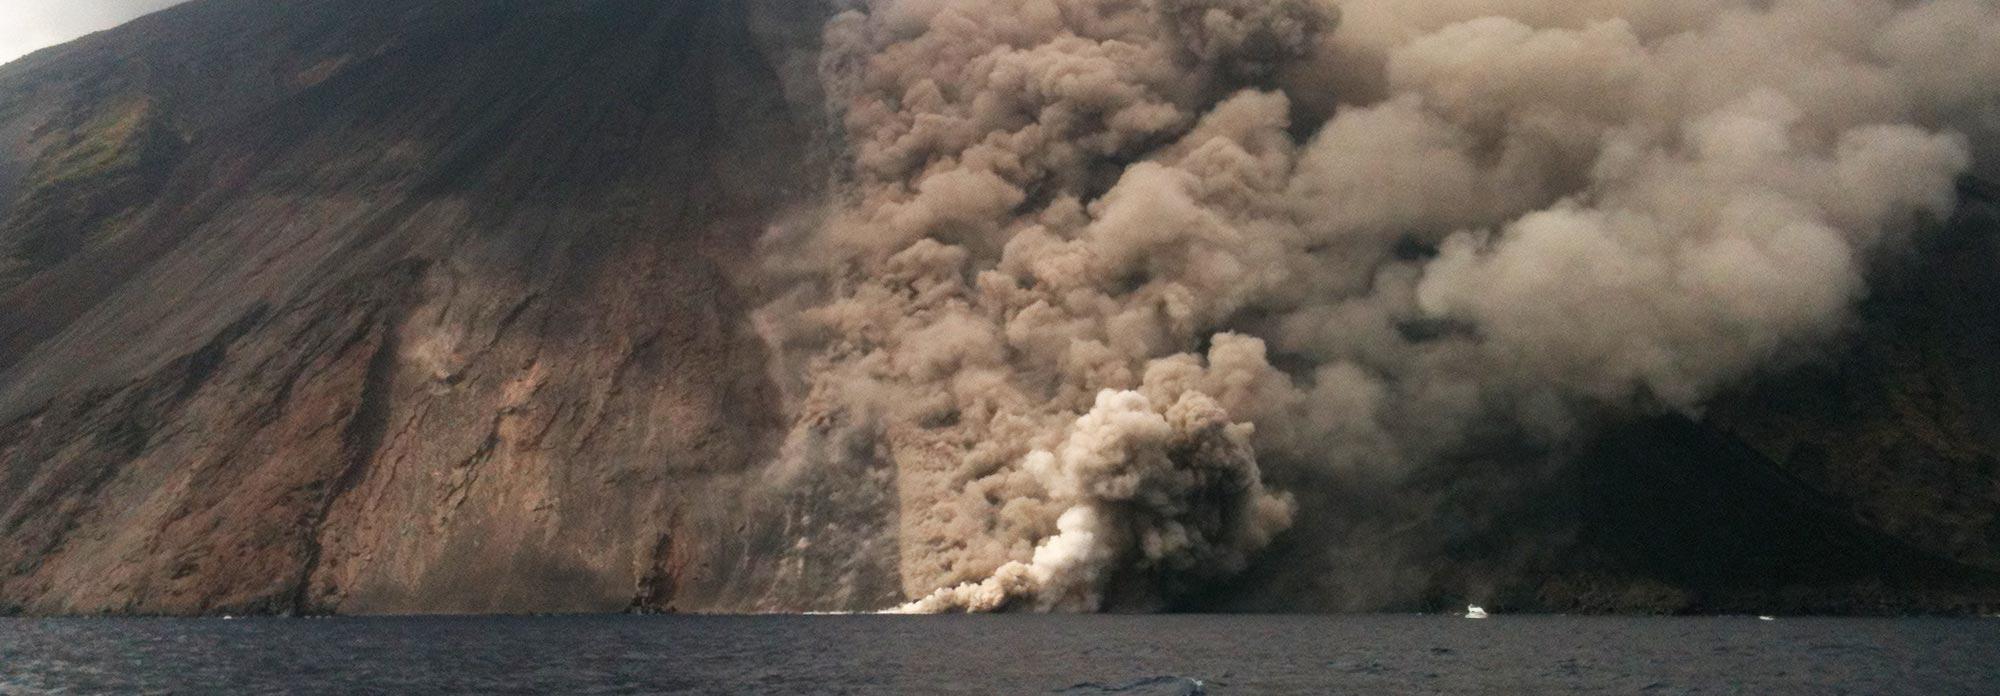 stromboli sciara del fuoco bateau